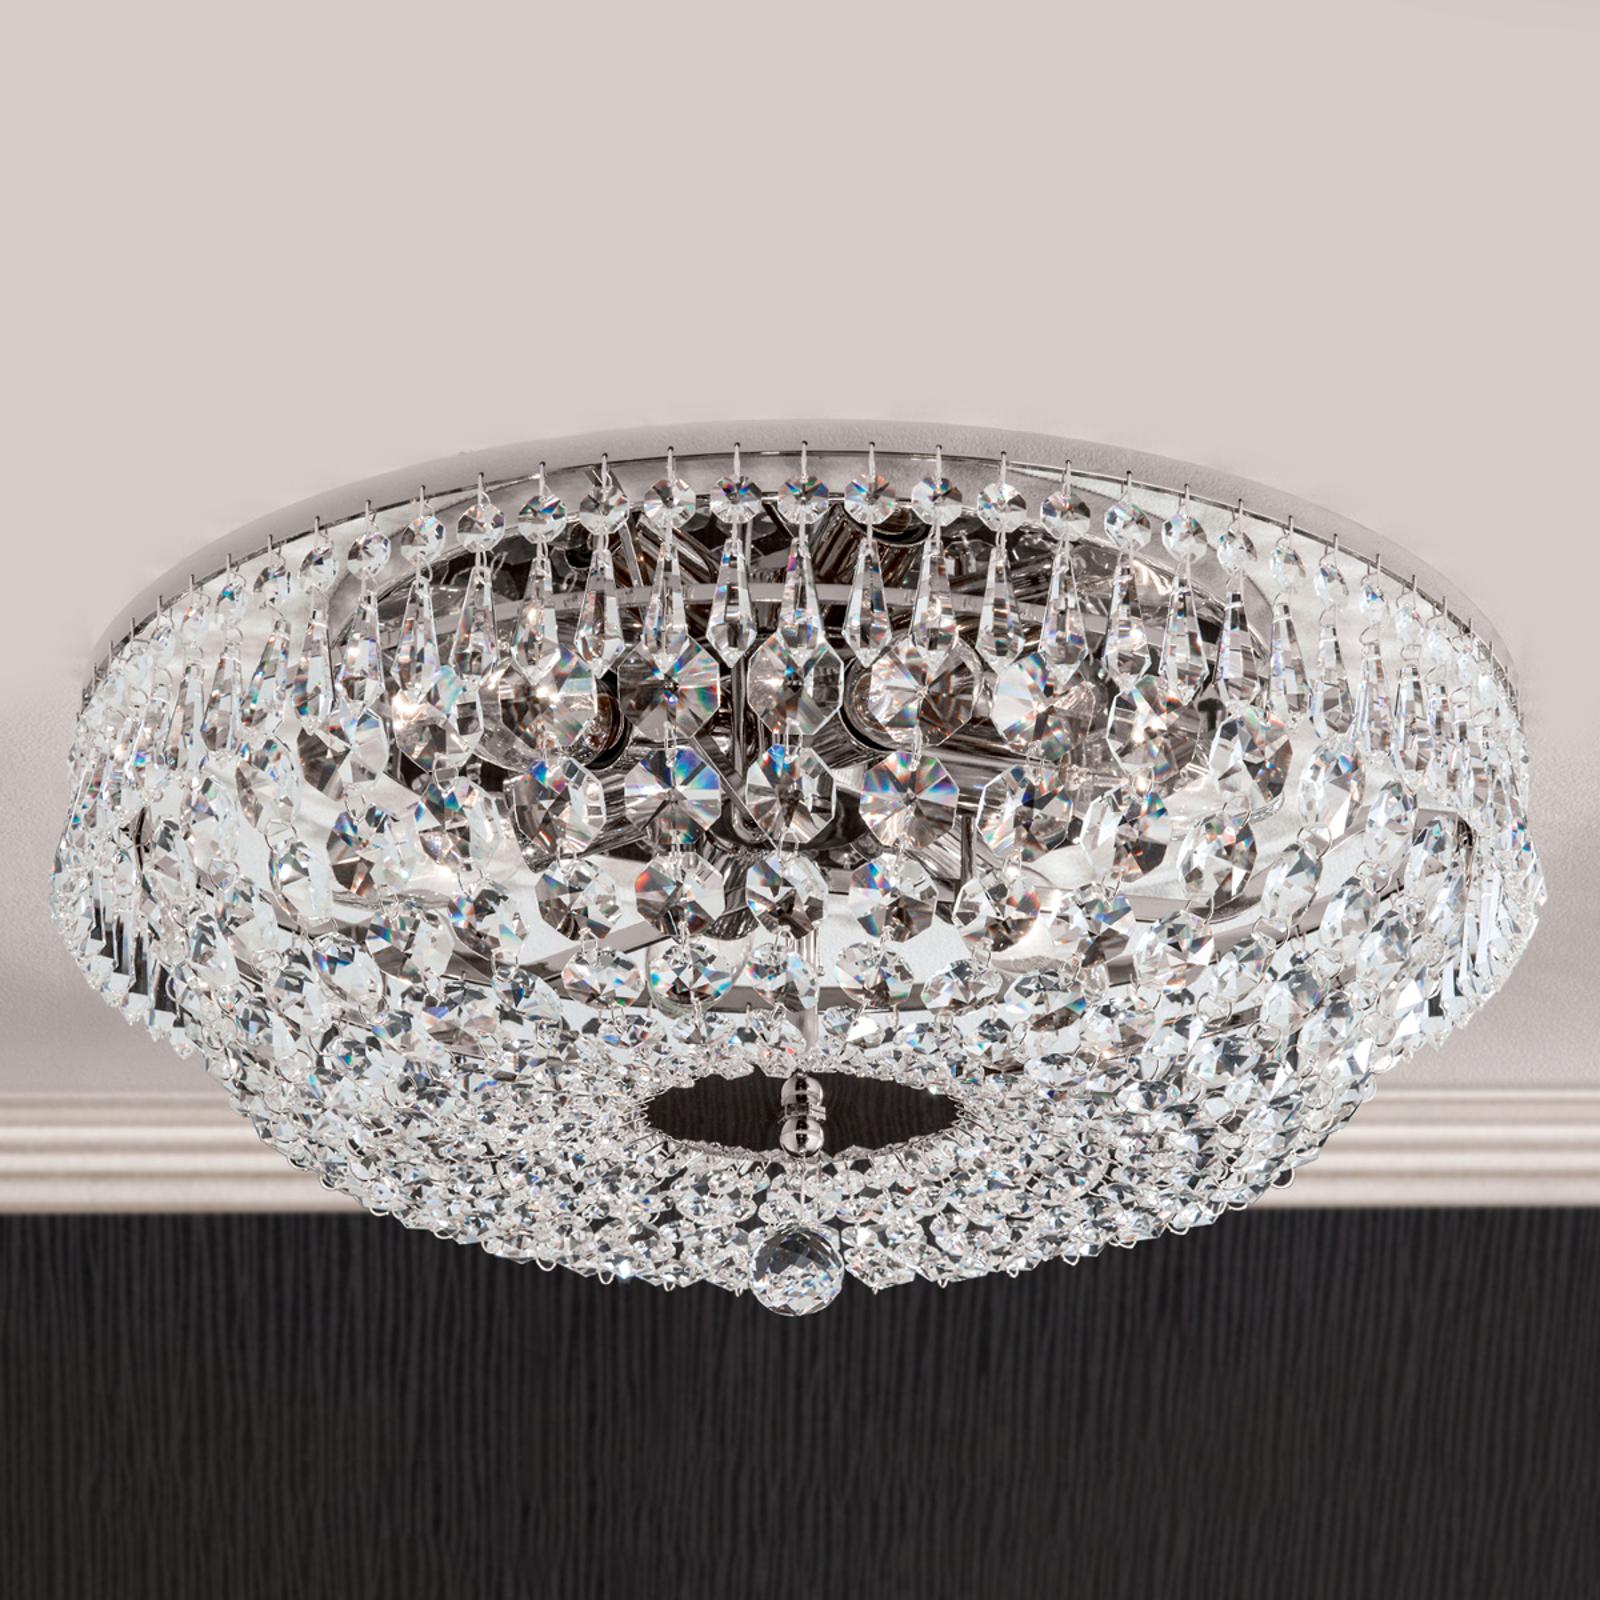 Forkromet SHERATA krystalloftlampe 45 cm